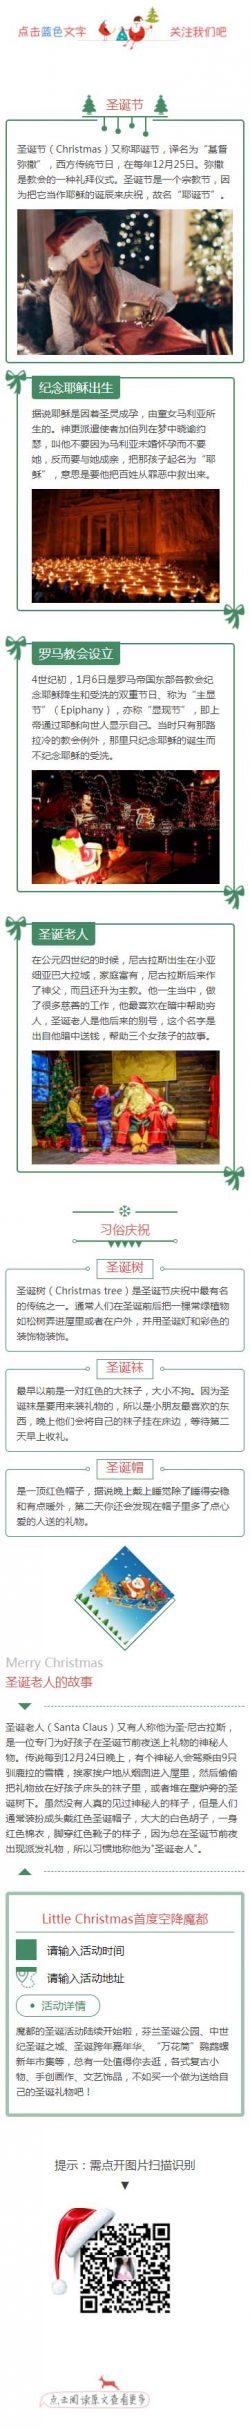 圣诞节(Christmas)耶诞节西方传统节日宗教节平安夜模板